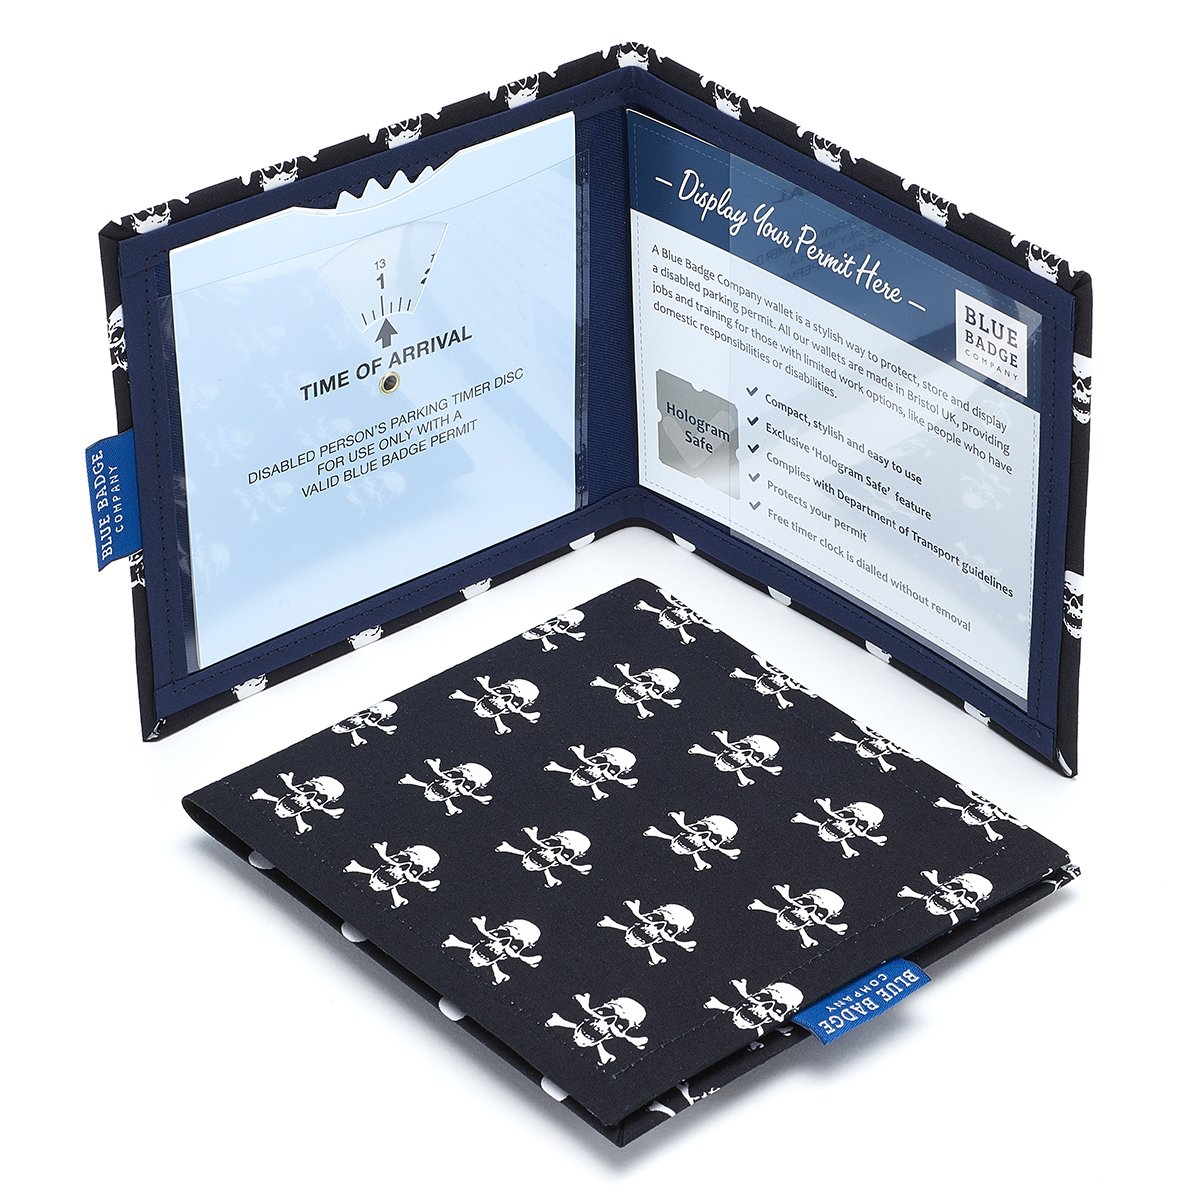 Blue Badge Company - Funda para tarjetas de aparcamiento para discapacitados, diseño de estampado de calaveras pirata PIR-BLCT-6024